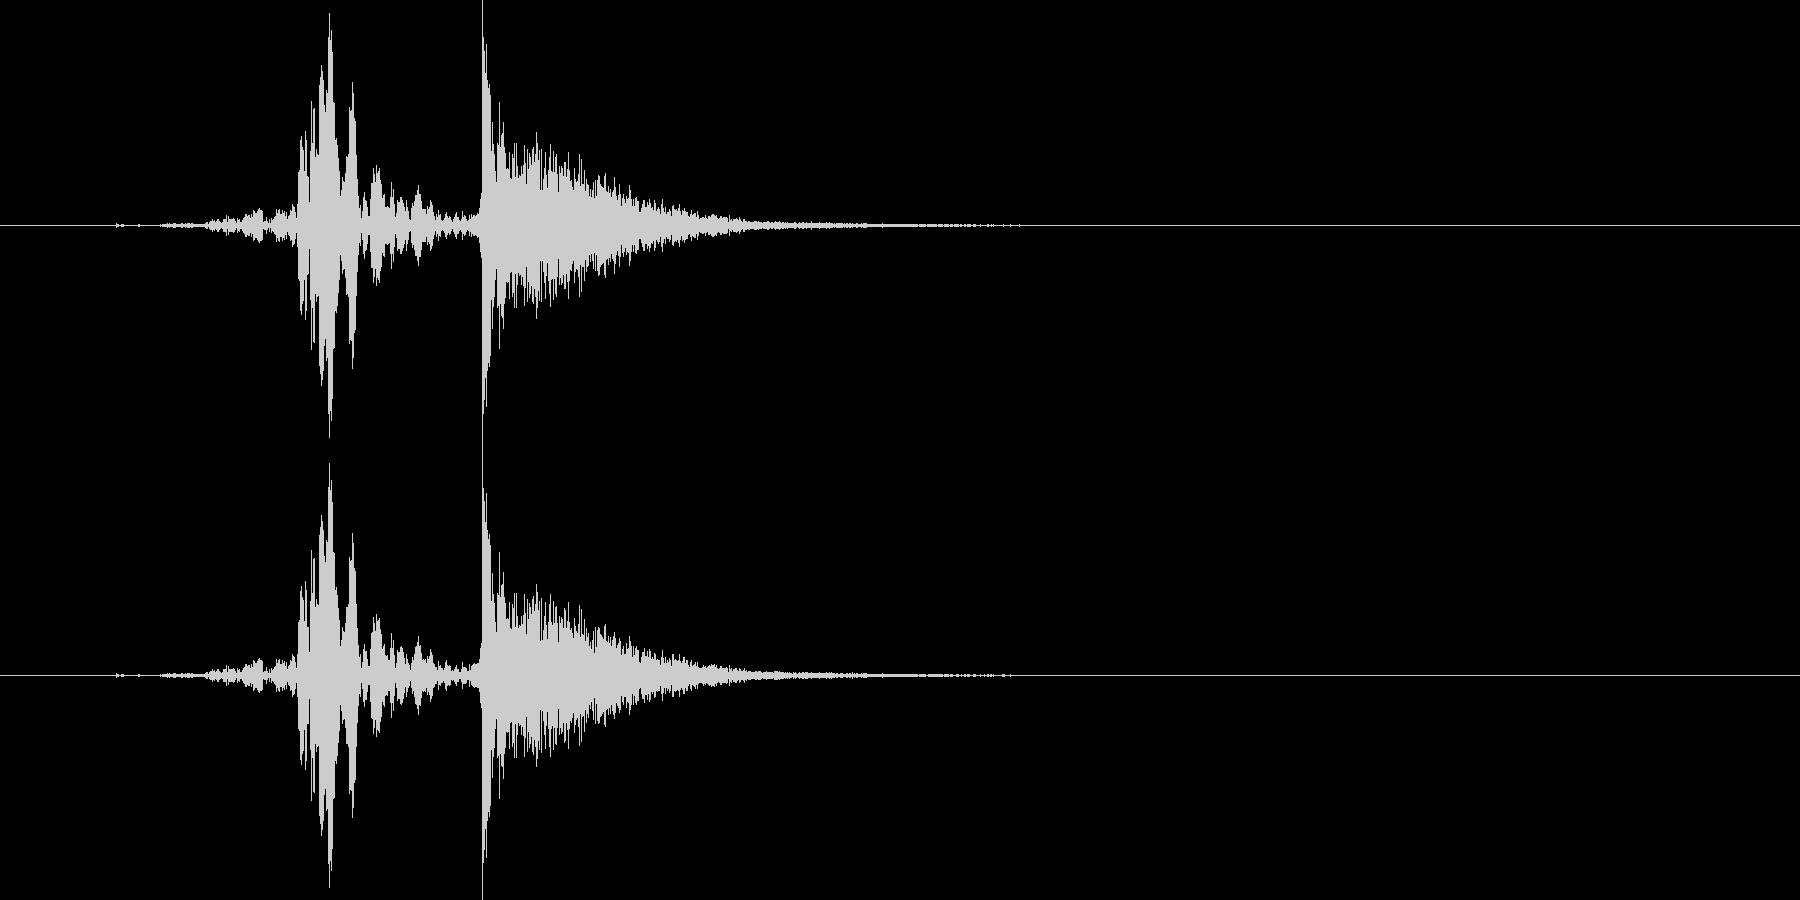 ヒュッ!バシン!(ムチで打つ音)の未再生の波形